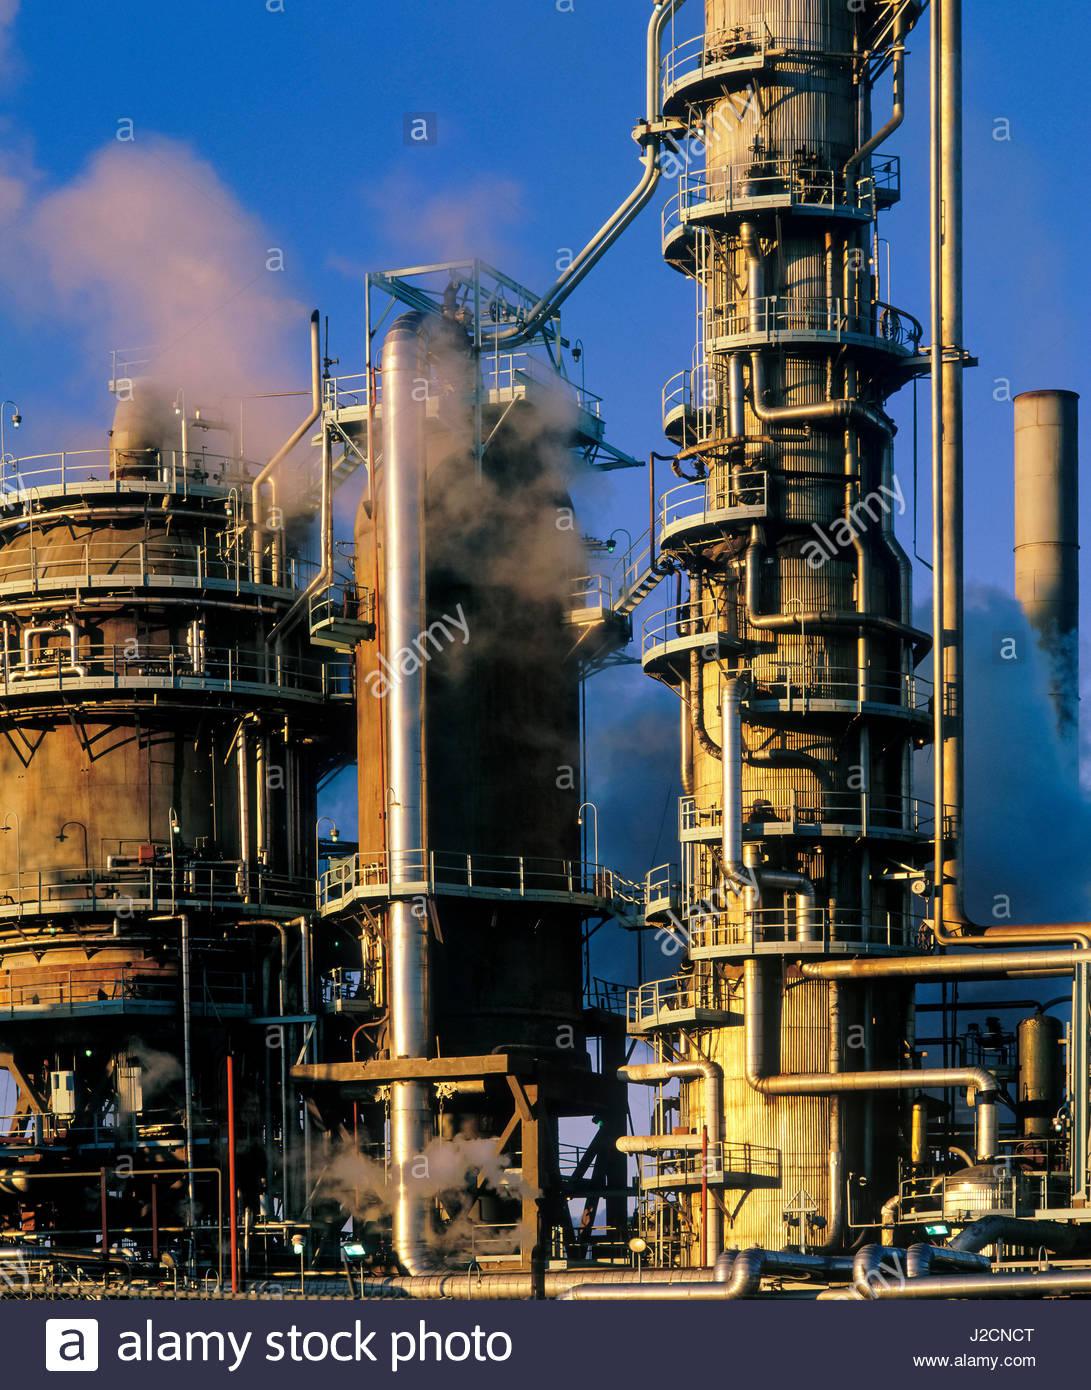 Refinería de Petróleo, Dartmouth, Nova Scotia, Canadá. Foto de stock